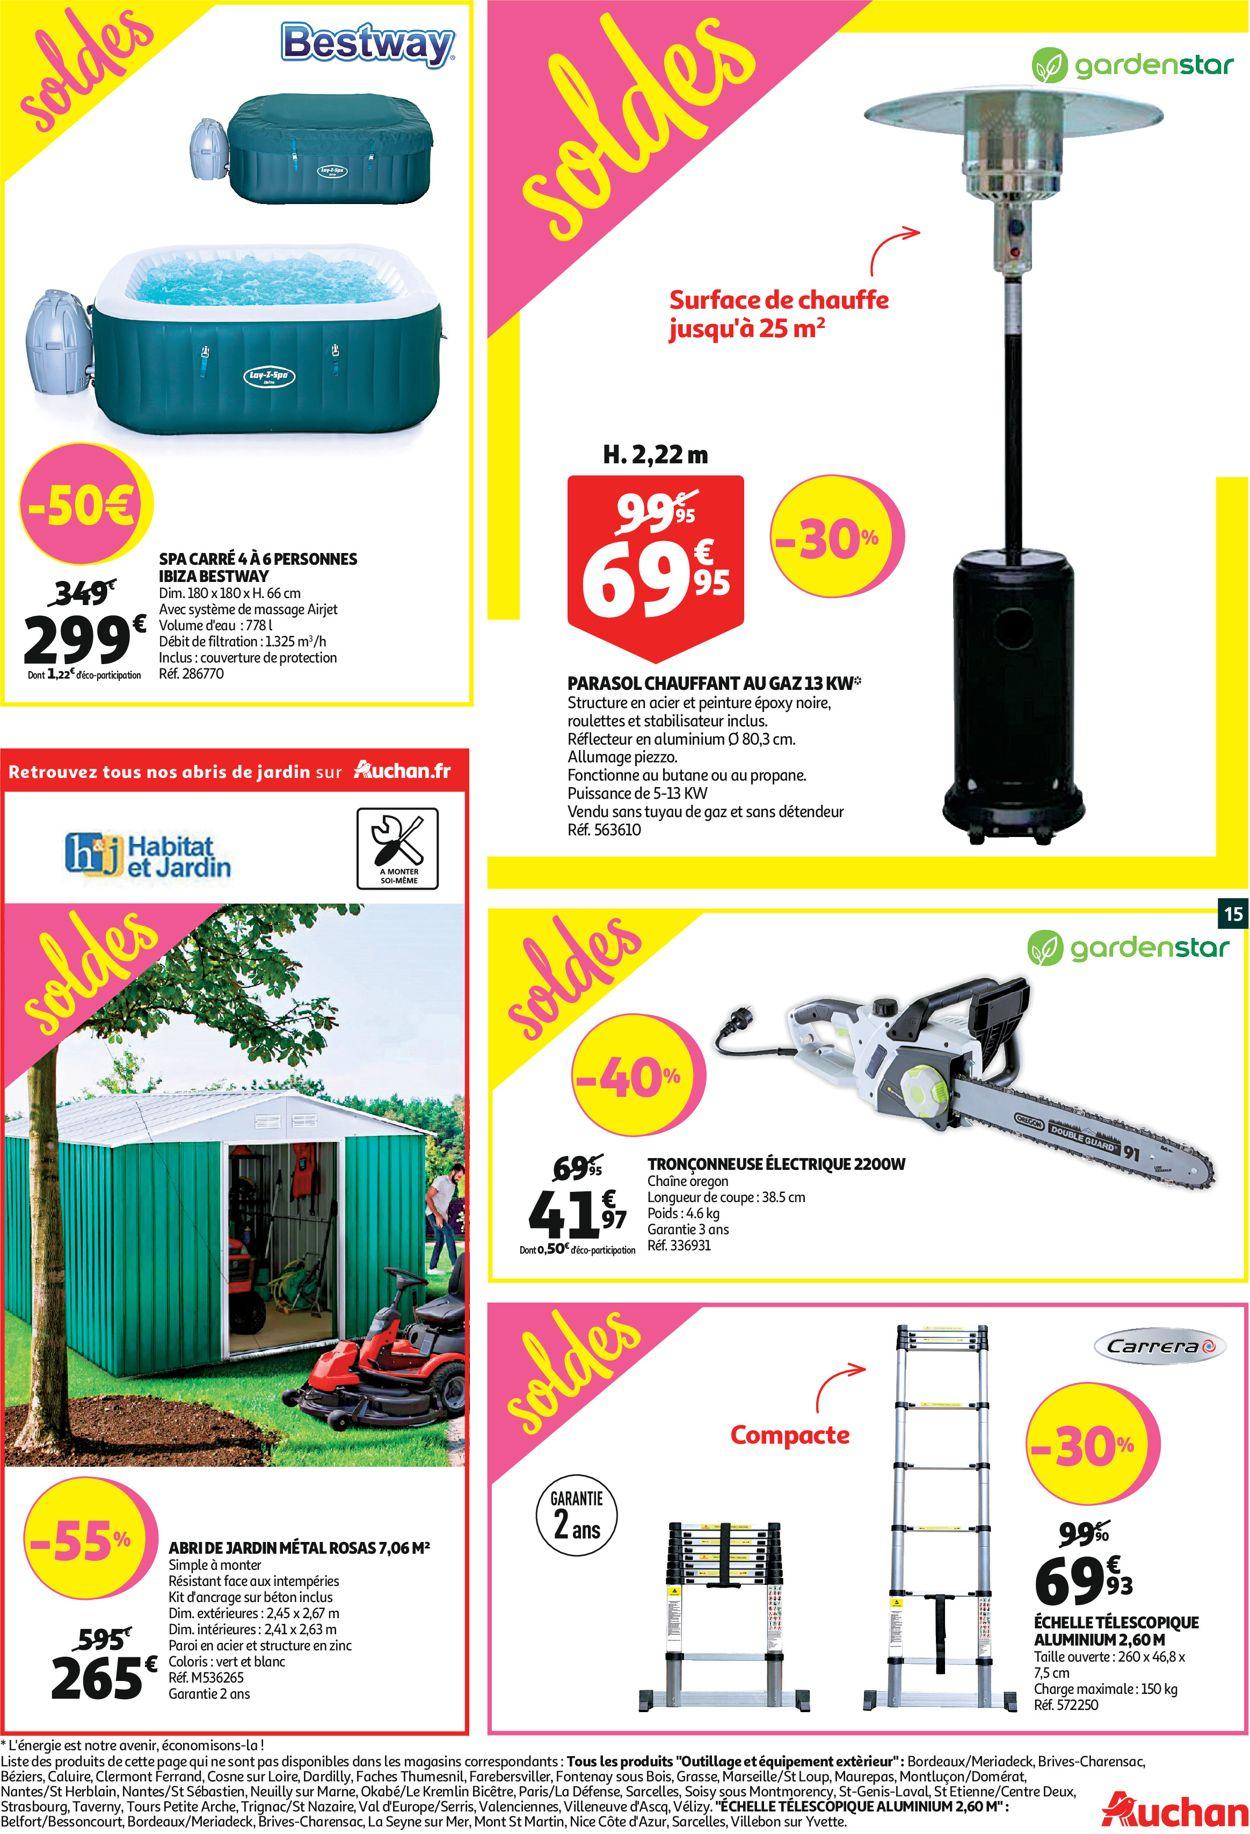 Auchan Catalogue Actuel 08.01 - 14.01.2020 [15] - Catalogue ... tout Abri De Jardin Auchan